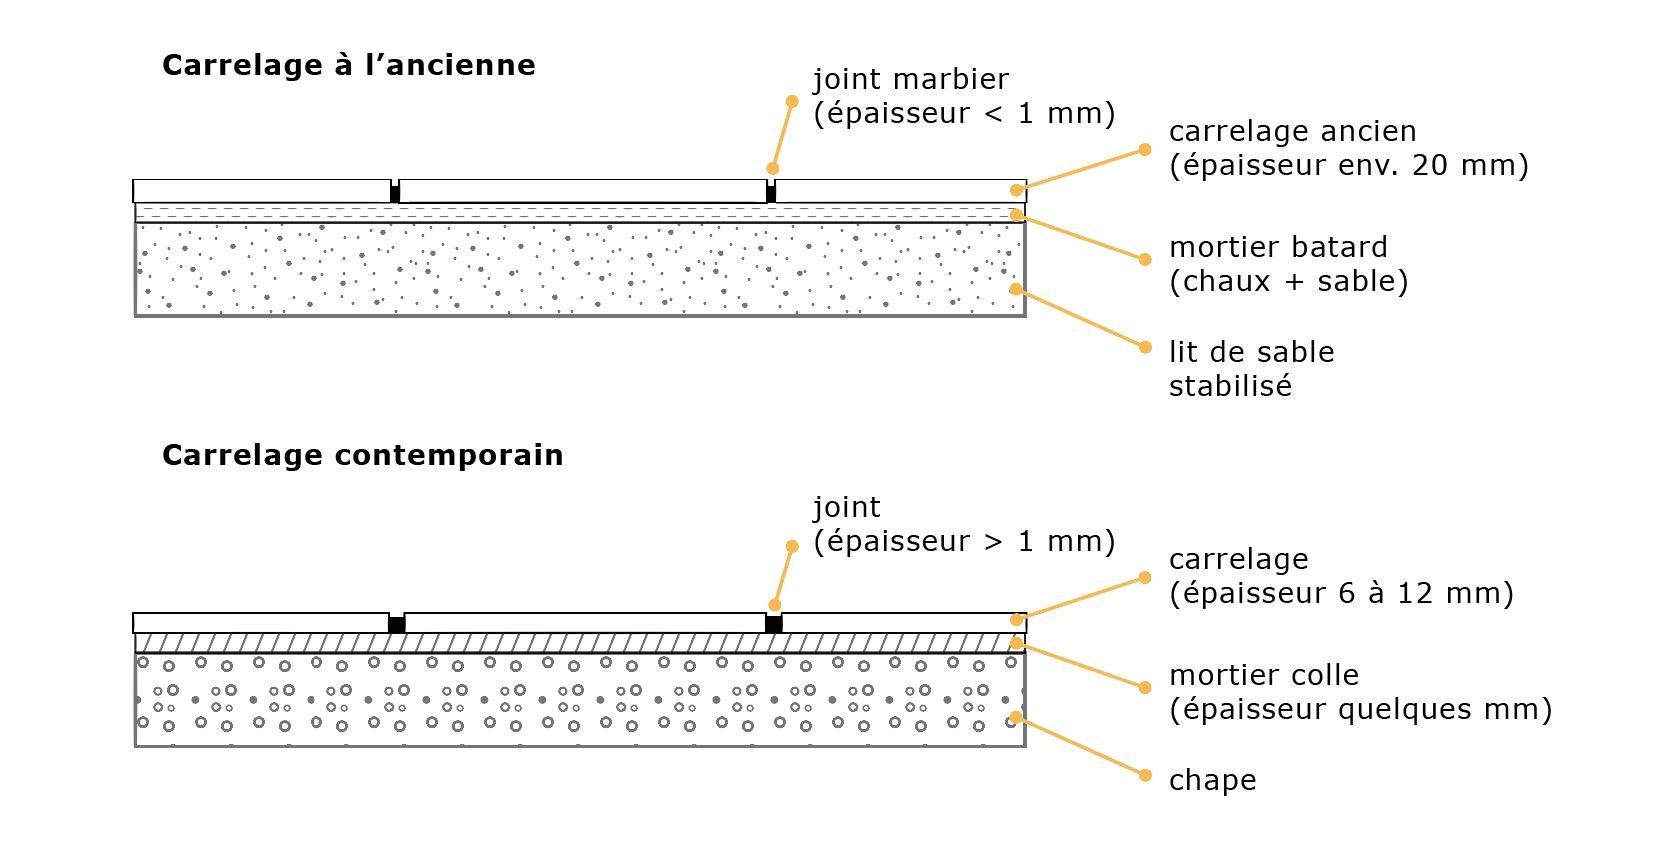 Carrelage fine paisseur tendance d co tuiles c ramiques for Epaisseur carrelage colle